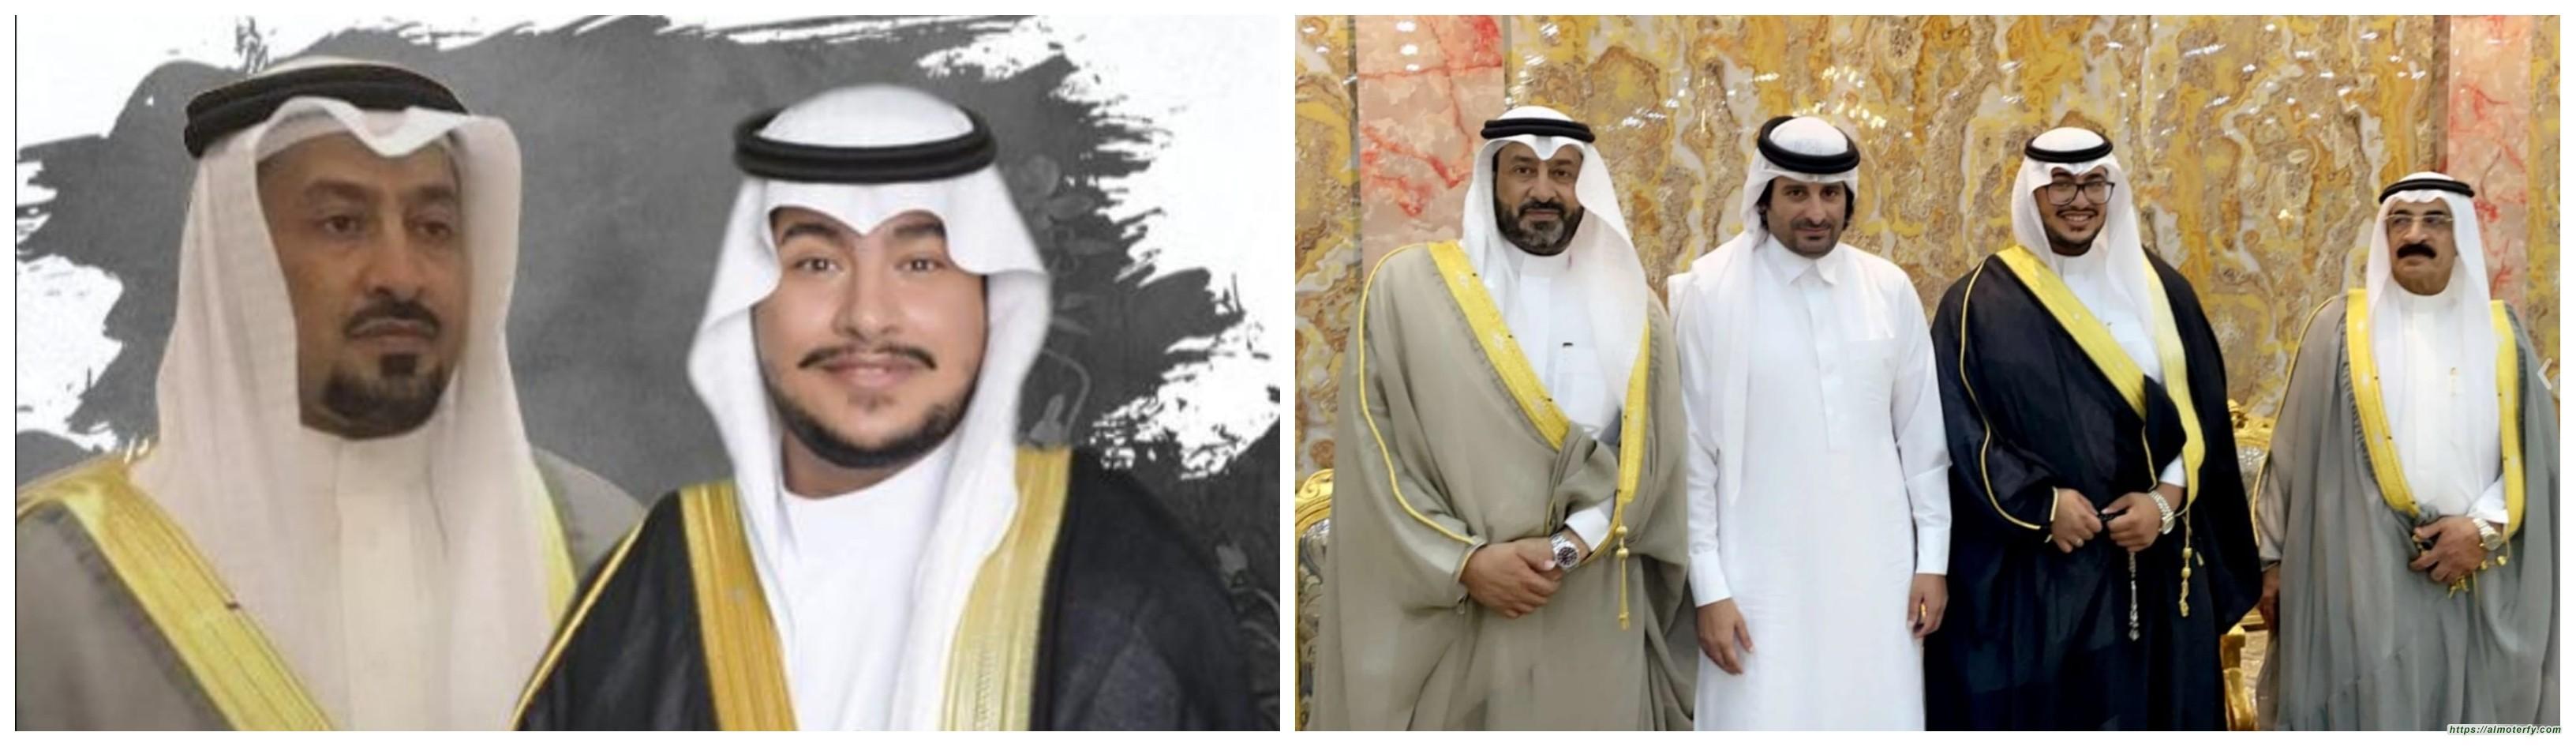 الناصر مدير فرع بنك الاهلي بالمبرز يحتفل بزواج نجله (( محمد ))